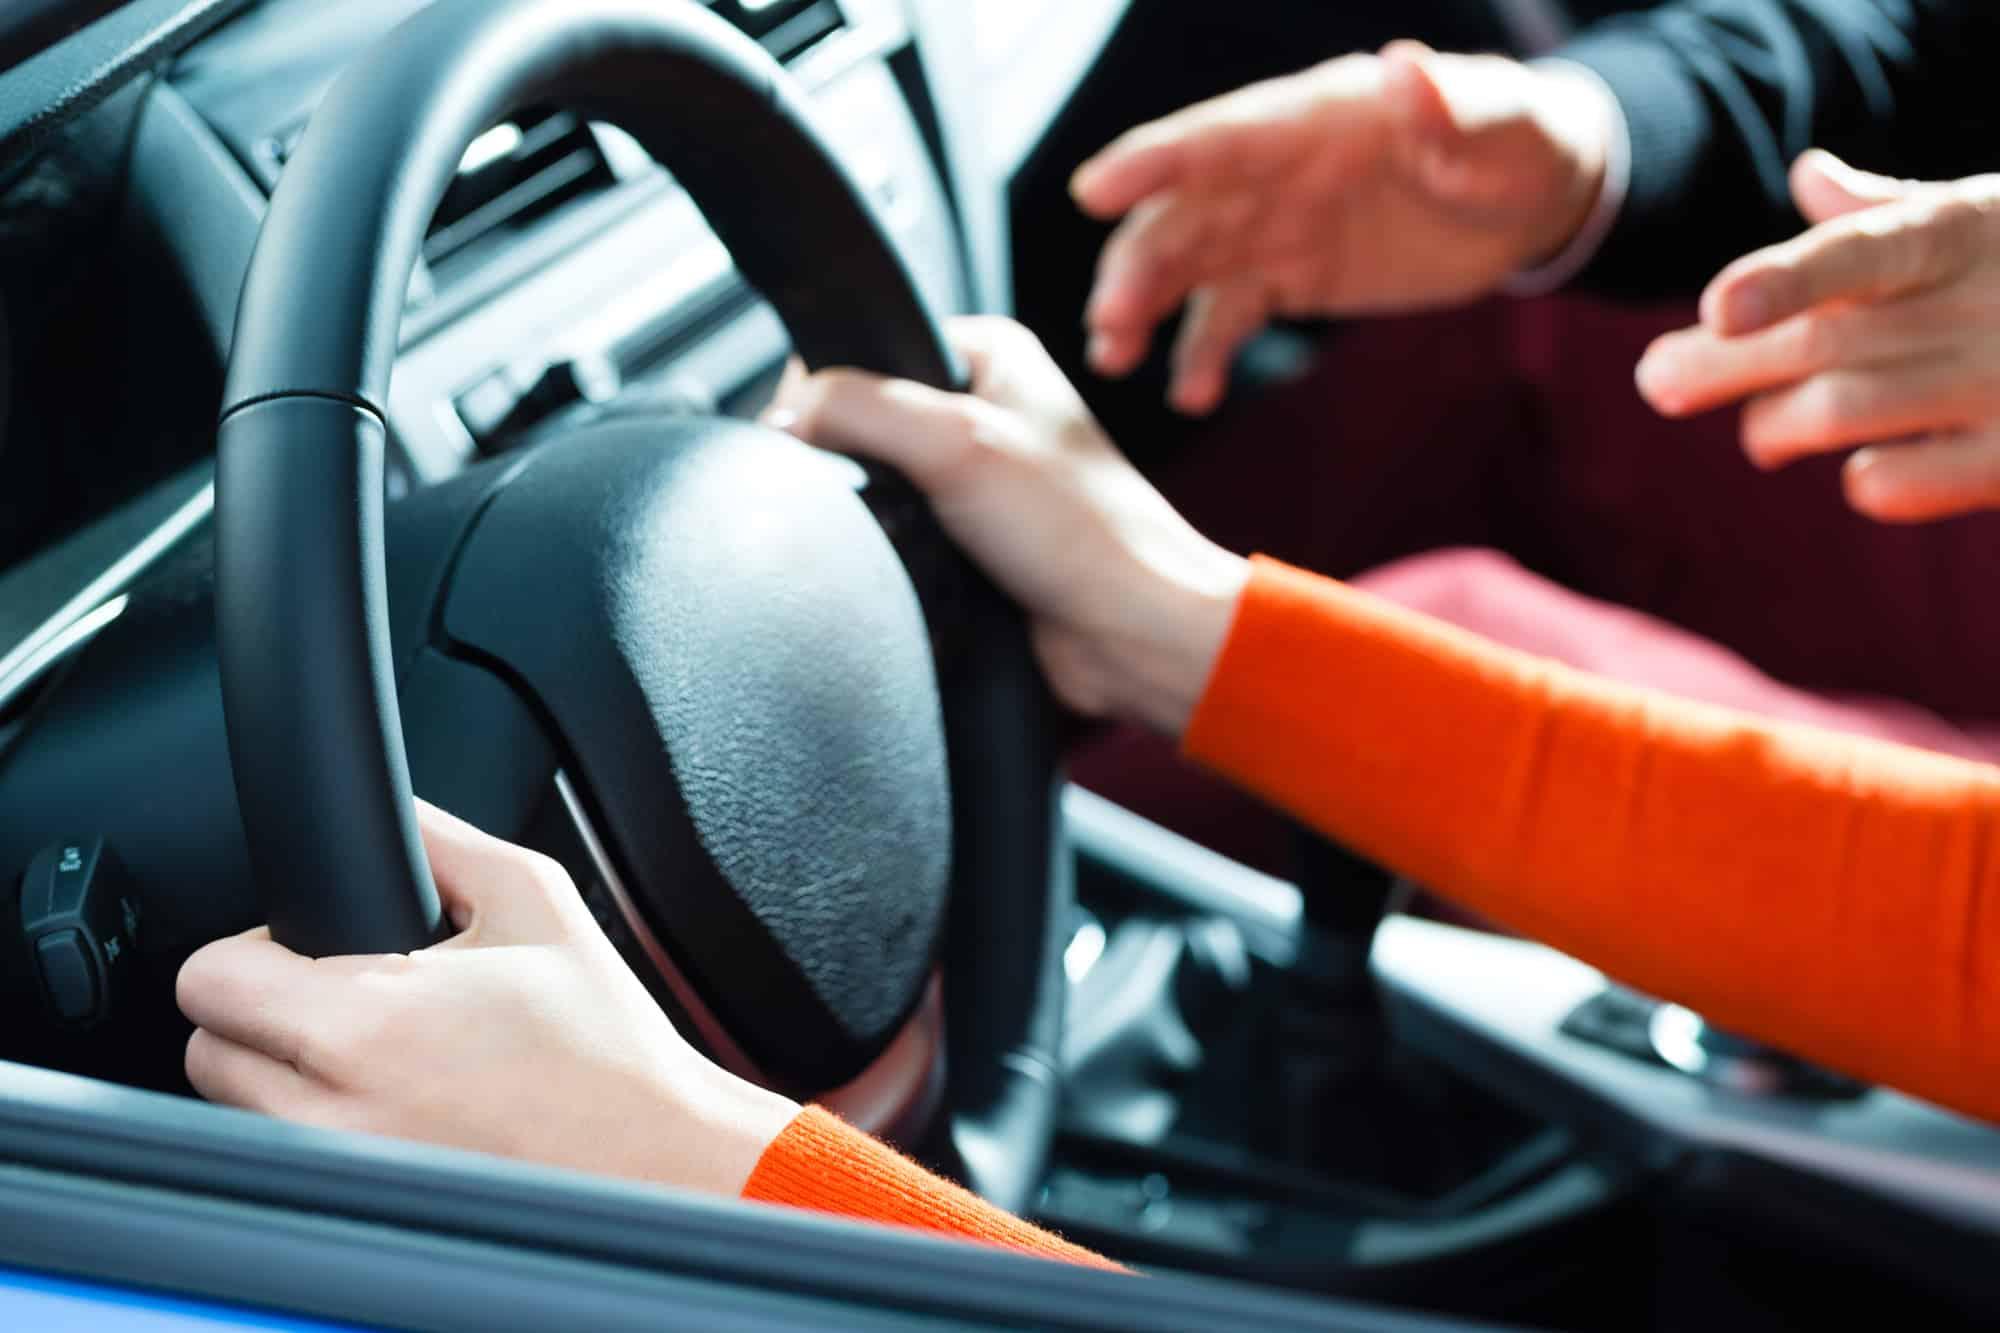 שישה חודשי עבודות שירות למורה נהיגה שביצע מעשים מגונים בקטינות